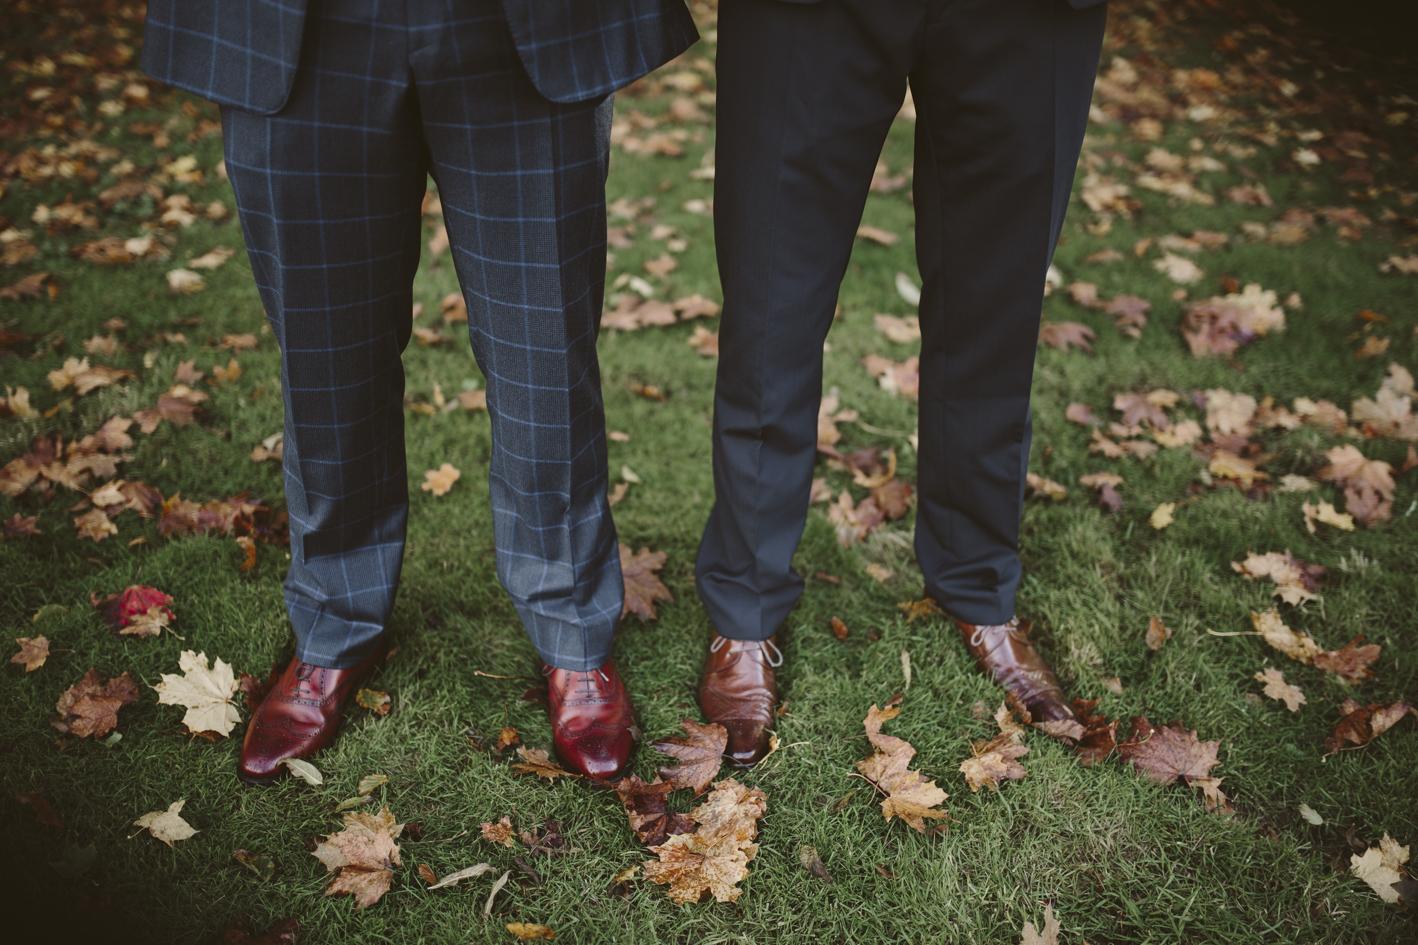 Wedding photographer Ireland Graciela Vilagudin 836.jpg